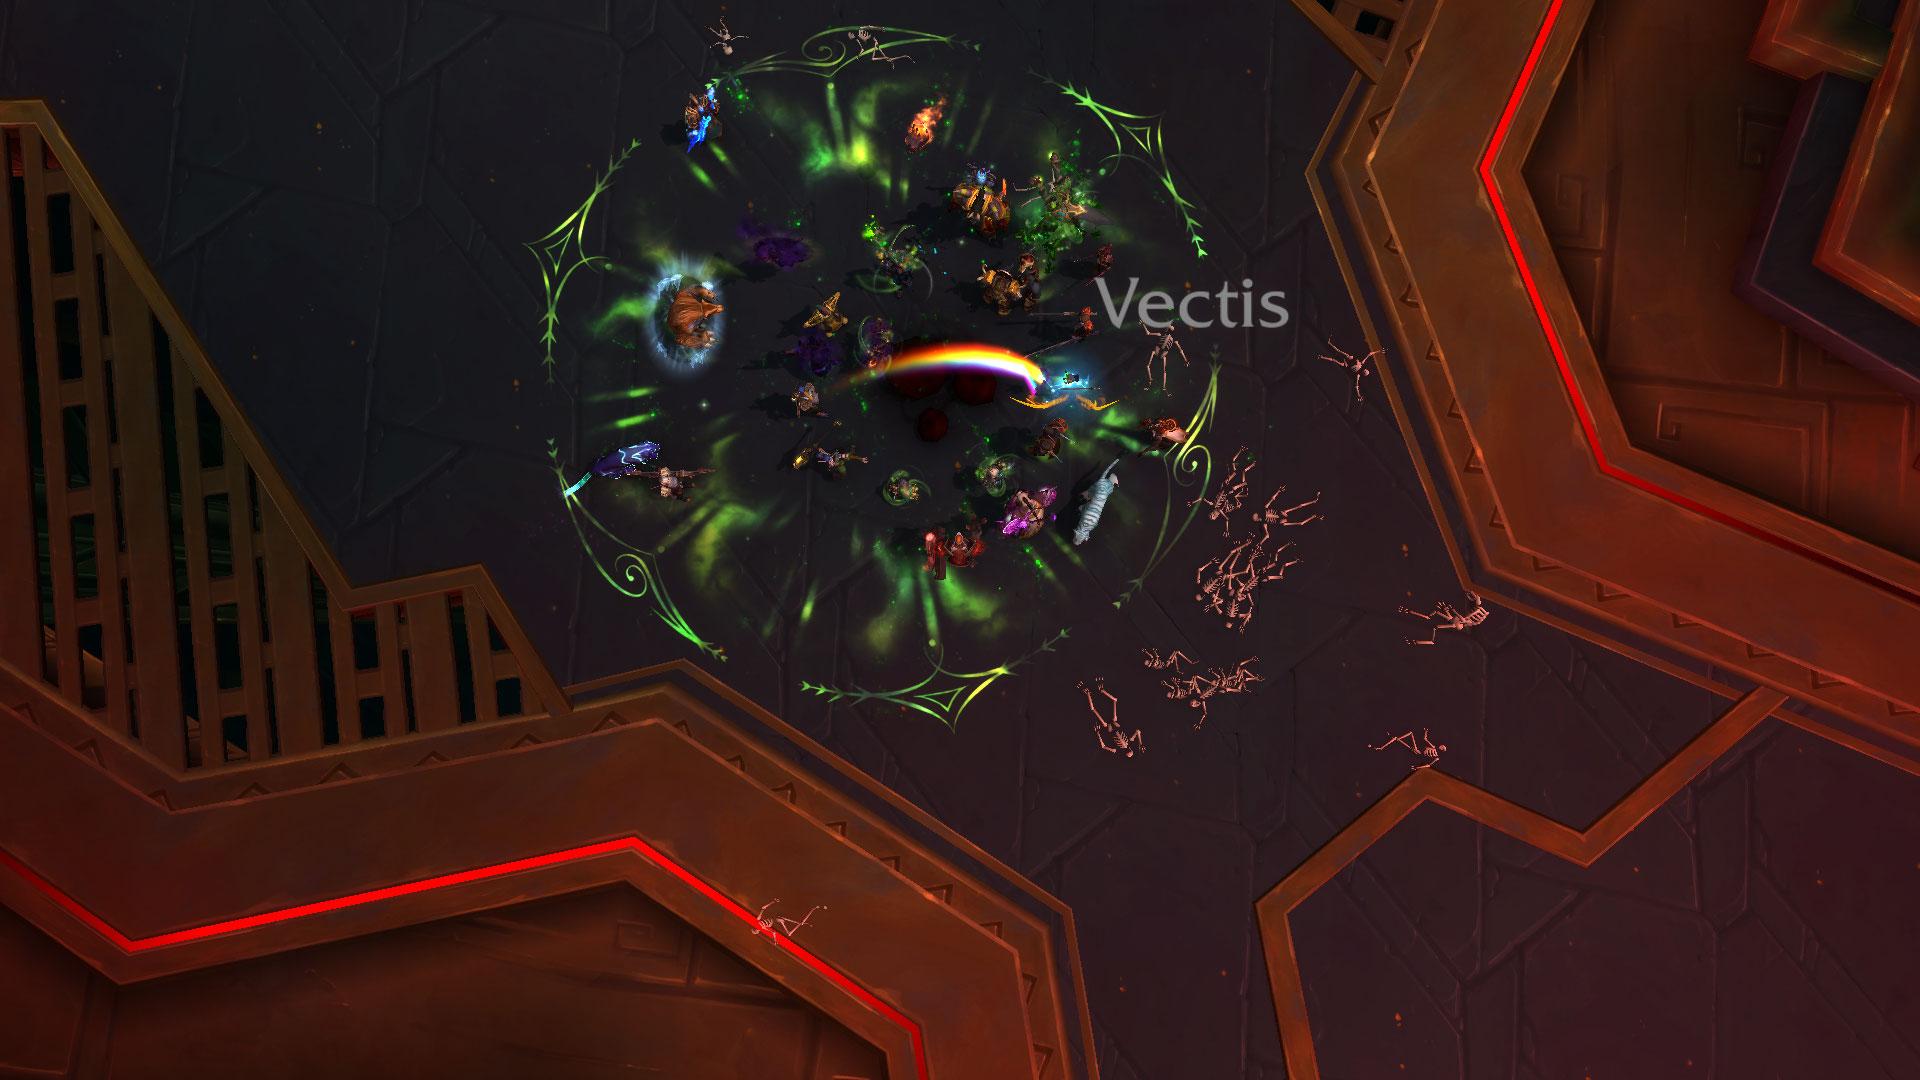 06/09/18 Vectis (Uldir) Vectis10